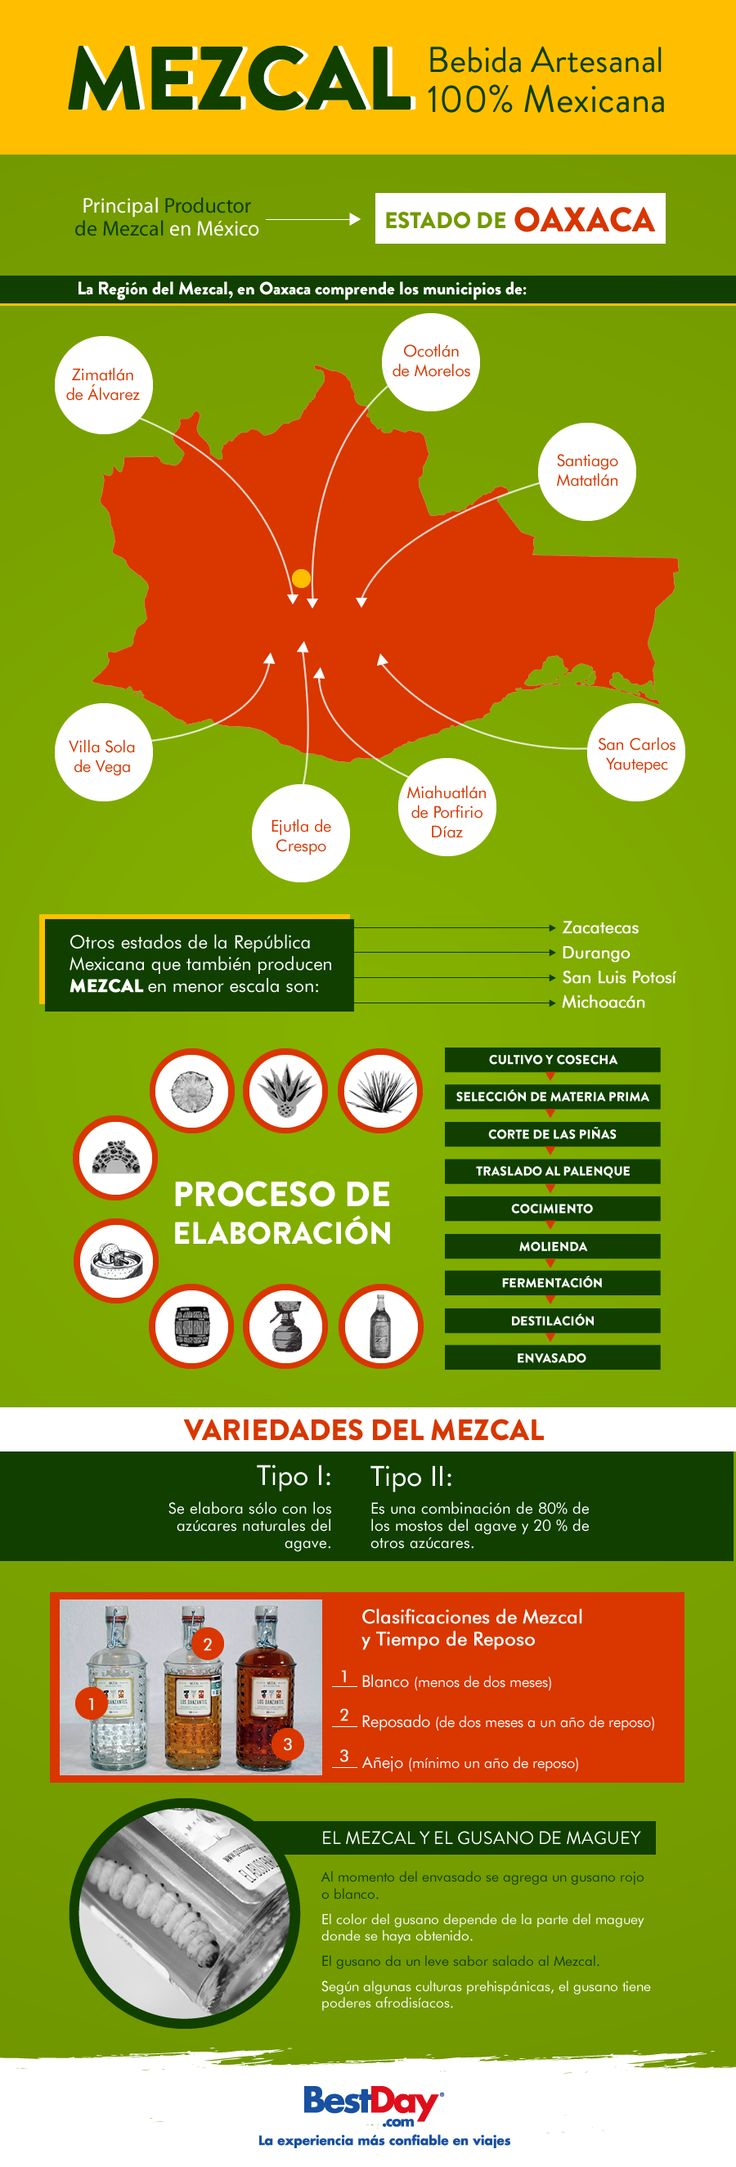 Descubre en esta infografía los secretos que resguarda la bebida mexicana por excelencia: el Mezcal.